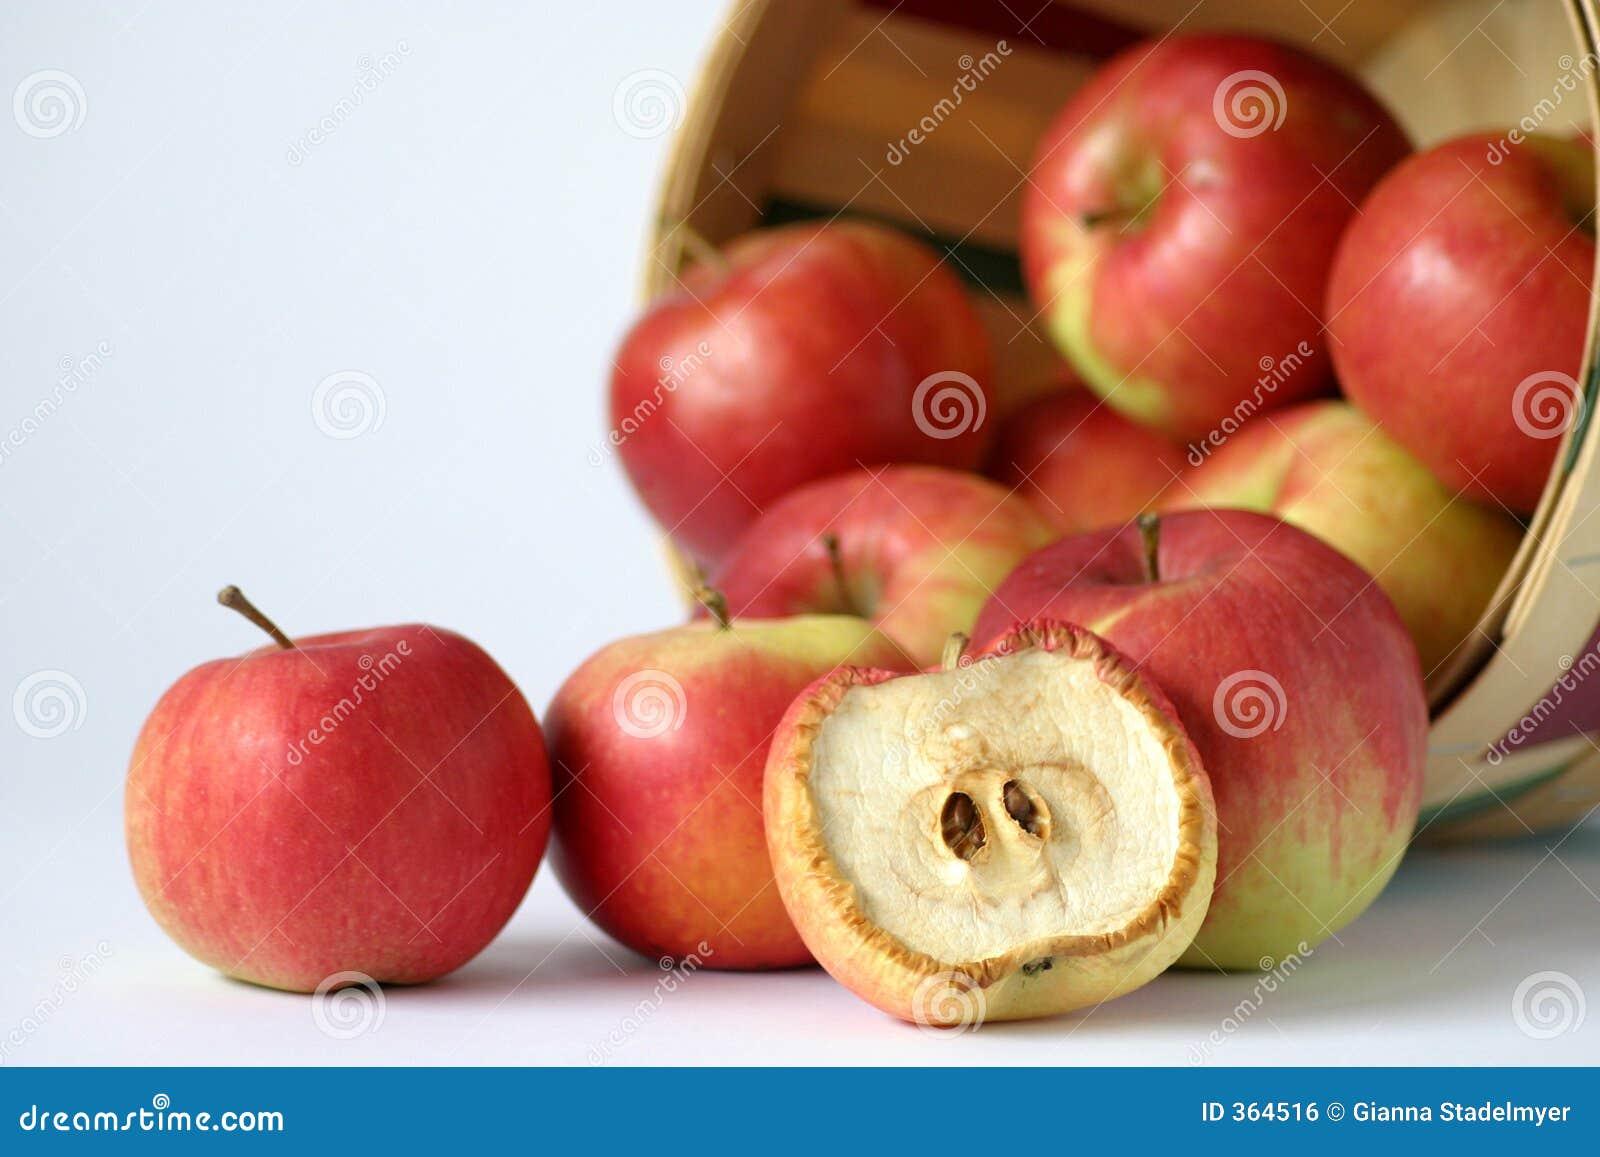 Un mán Apple estropea el manojo